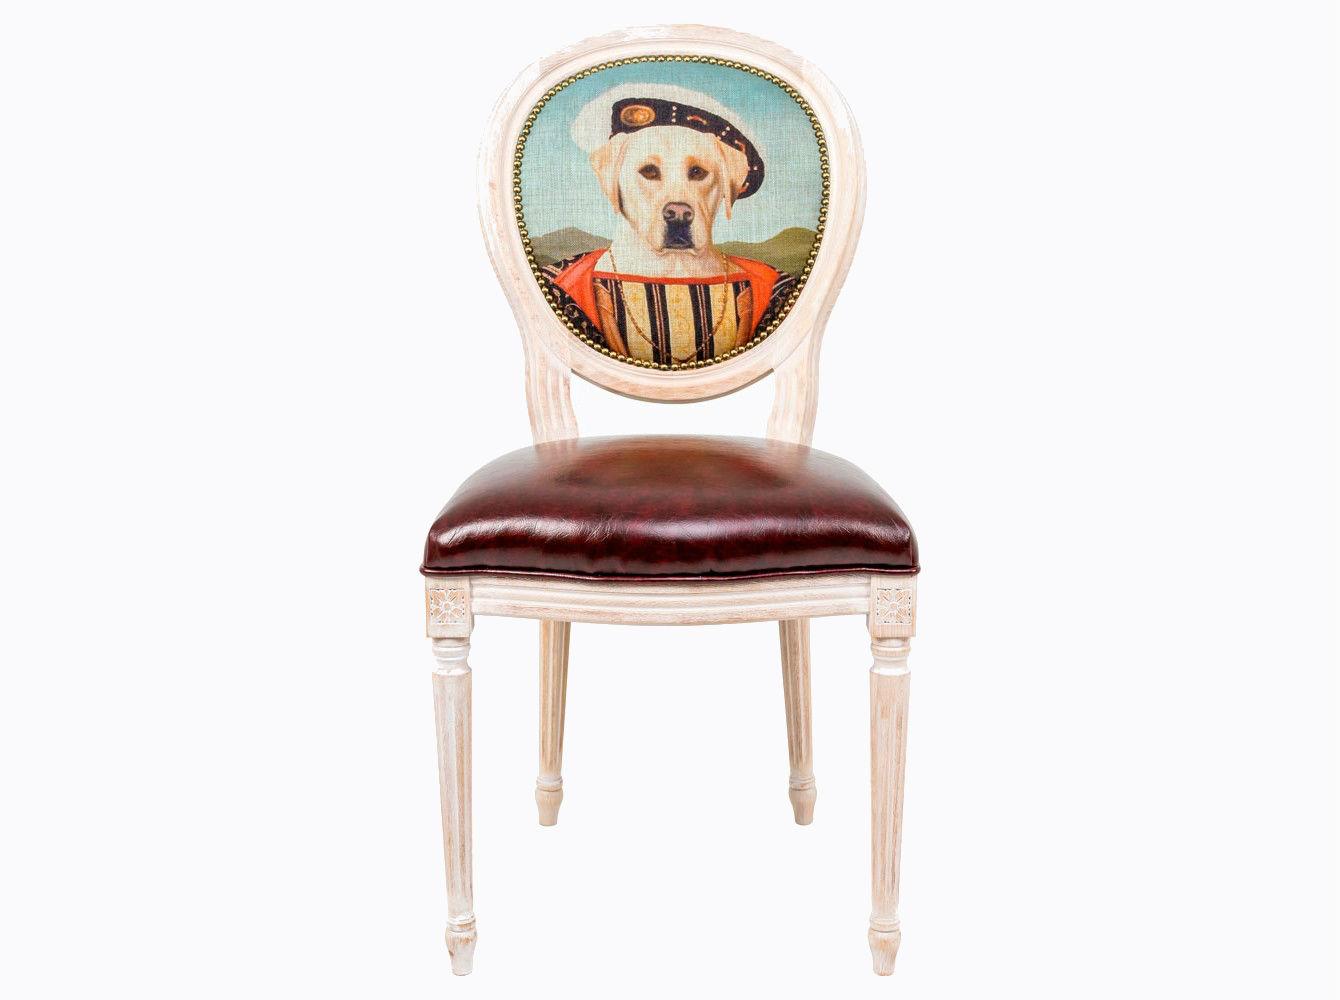 Стул «Музейный экспонат», версия 22Обеденные стулья<br>Стулья с овальными спинками - закон симметричной гармонии окружающего пространства. Овалы идеально рифмуются в интерьере с зеркалами и картинными рамами. Корпус стула изготовлен из натурального бука. Среди европейских пород бук считается самым прочным и долговечным материалом. По эксклюзивному дизайну &amp;quot;Объекта мечты&amp;quot; корпусы стульев серии &amp;quot;Музейный экспонат&amp;quot; выточены, брашированы в Италии. В угоду моде &amp;quot;шебби-шик&amp;quot;, благородная фактура натурального дерева подчеркнута рукописной патиной. Штрихи старины обладают специфическим обаянием и теплом. Комфортабельность, прочность и долговечность сиденья обеспечены подвеской из эластичных ремней. Обивка спинки оснащена тефлоновым покрытием против пятен. Не упустите возможность обладания уникальной дизайнерской мебелью - коллекция &amp;quot;Музейный экспонат&amp;quot; выпущена лимитированными экземплярами.&amp;amp;nbsp;&amp;lt;div&amp;gt;&amp;lt;br&amp;gt;&amp;lt;/div&amp;gt;&amp;lt;div&amp;gt;Каркас - натуральное дерево бука, обивка сиденья и оборотной стороны спинки - эко-кожа, обивка спинки: 29% лен, 9 % хлопок, 72% полиэстер&amp;lt;br&amp;gt;&amp;lt;/div&amp;gt;<br><br>Material: Дерево<br>Width см: 55<br>Depth см: 50<br>Height см: 95